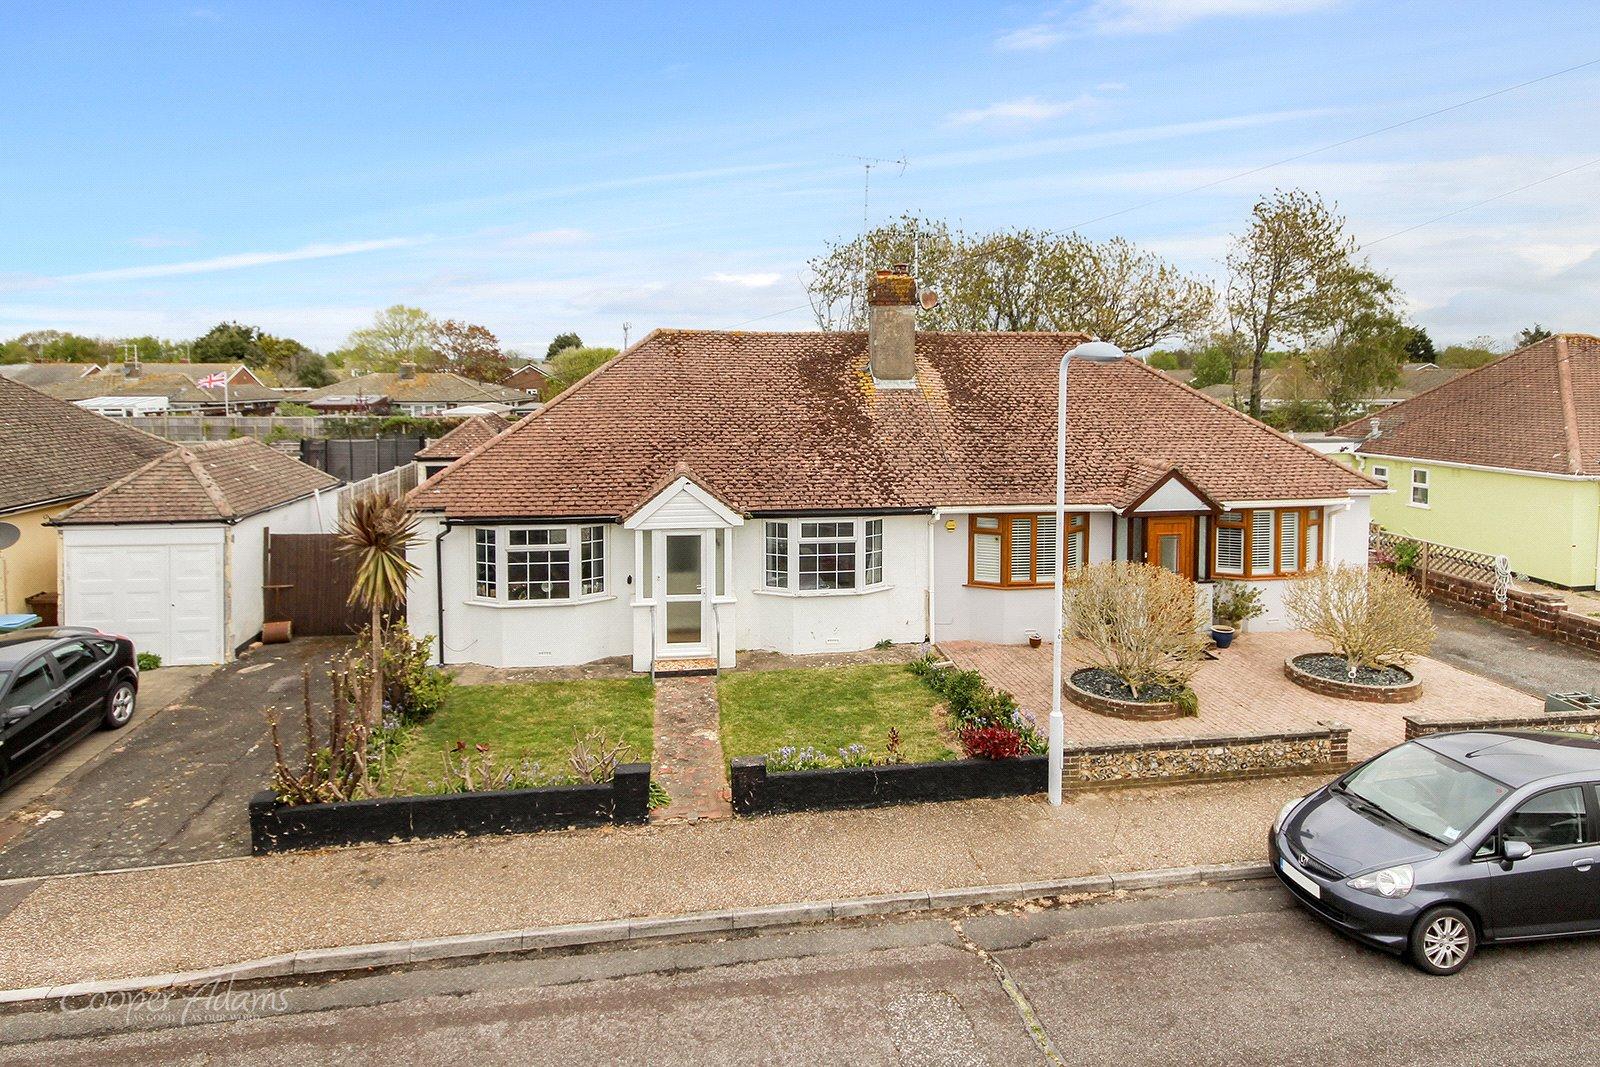 3 bed bungalow for sale in Warren Crescent, East Preston, BN16